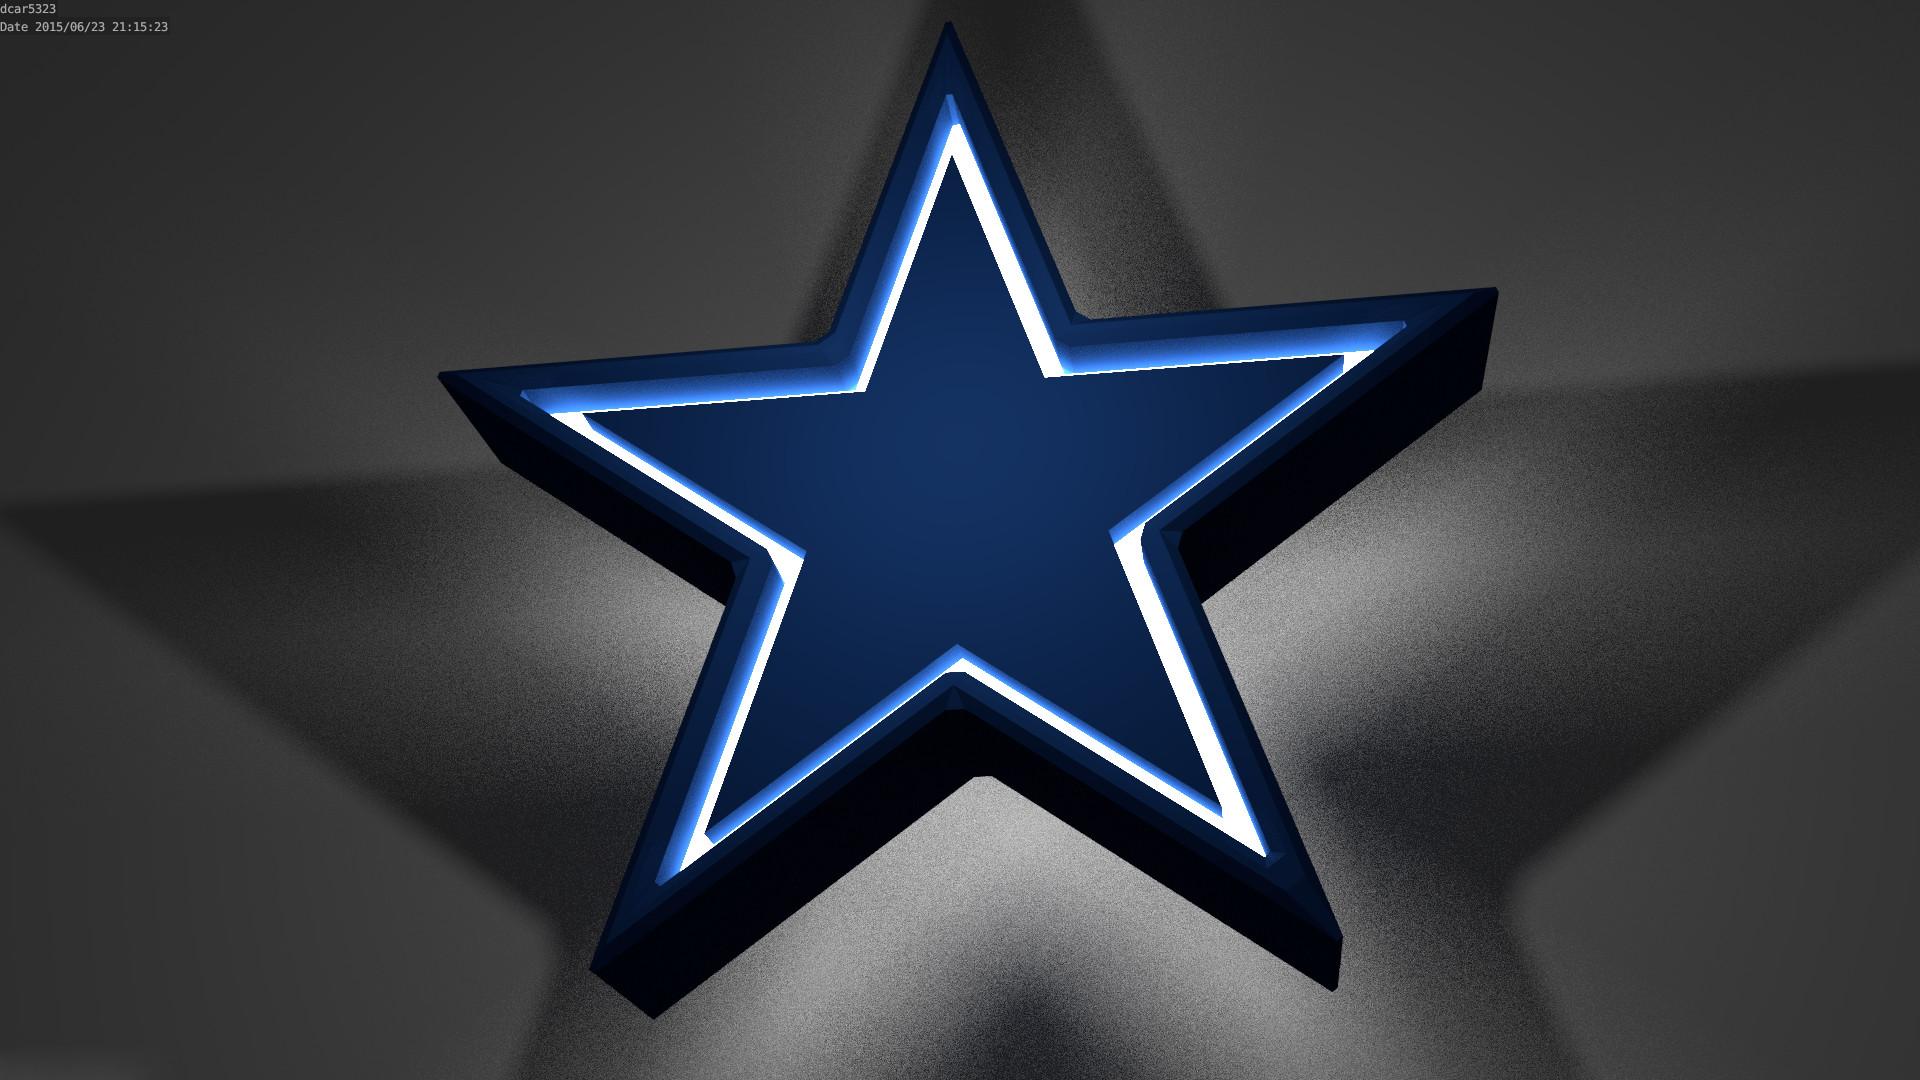 Dallas Cowboys Computer Wallpaper 57 Images